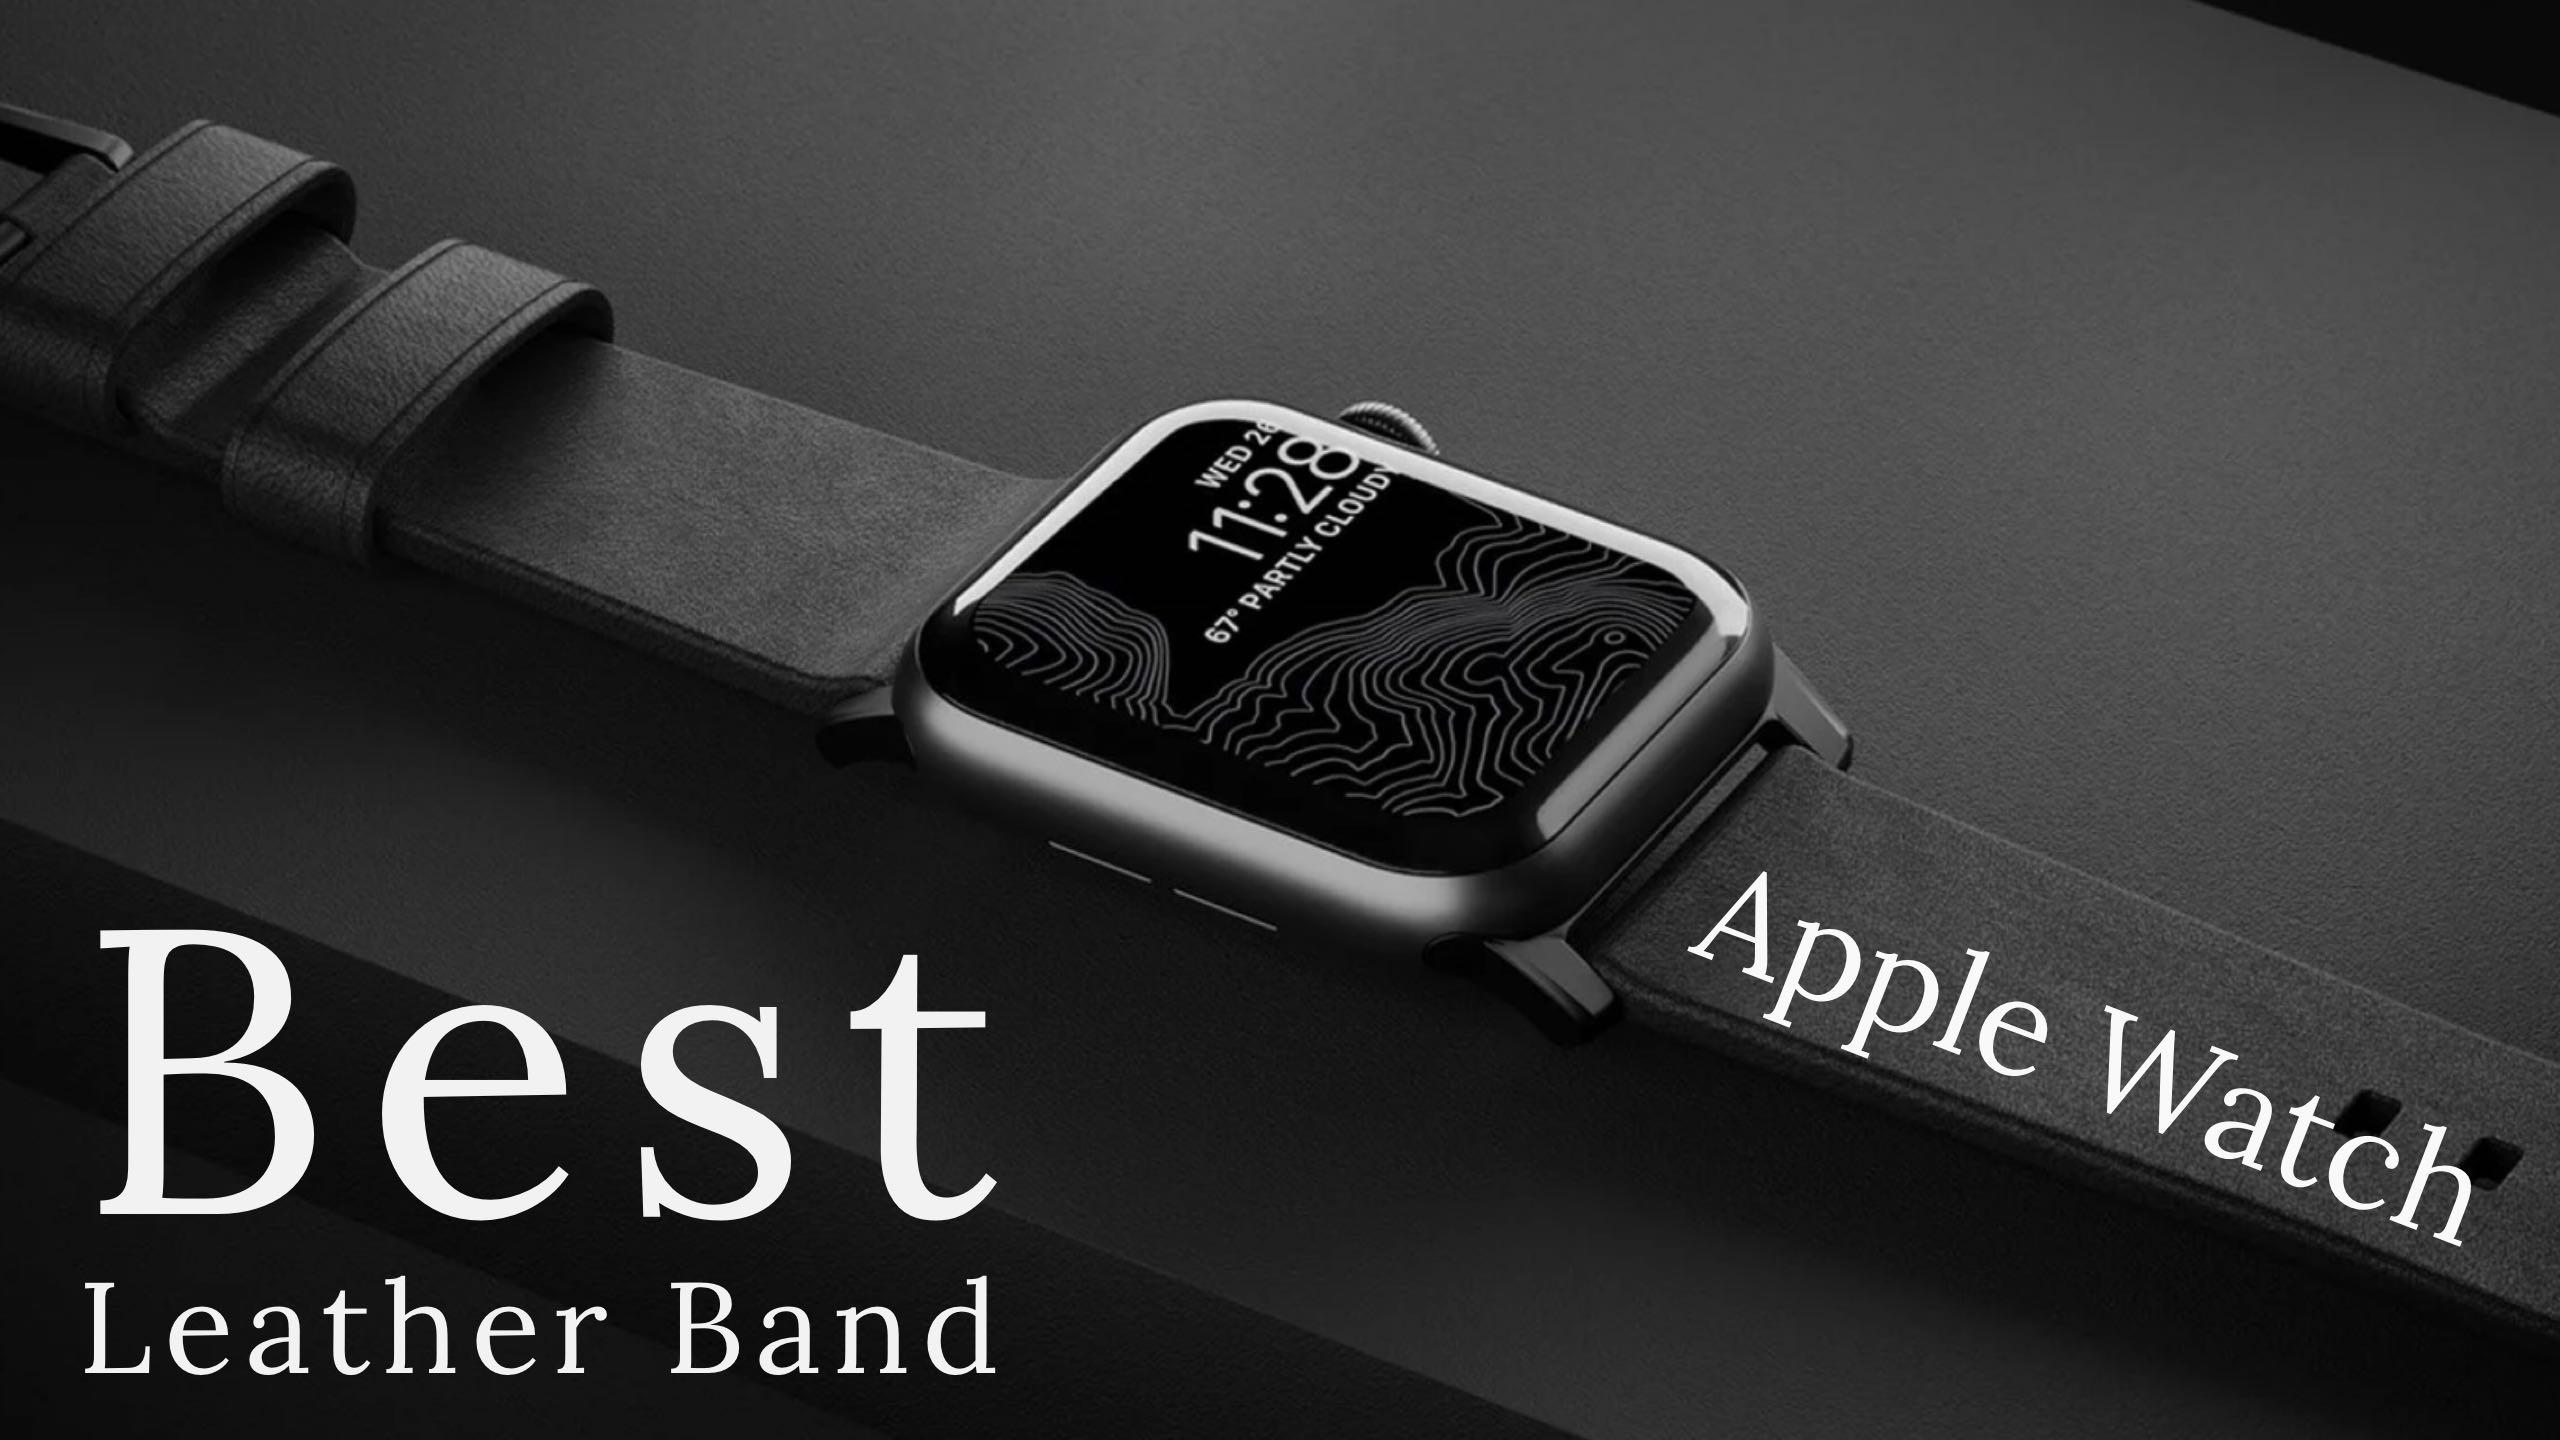 【本革でおしゃれ】毎日着用したくなるApple Watchのおすすめレザーバンド5選!このブランドに注目!